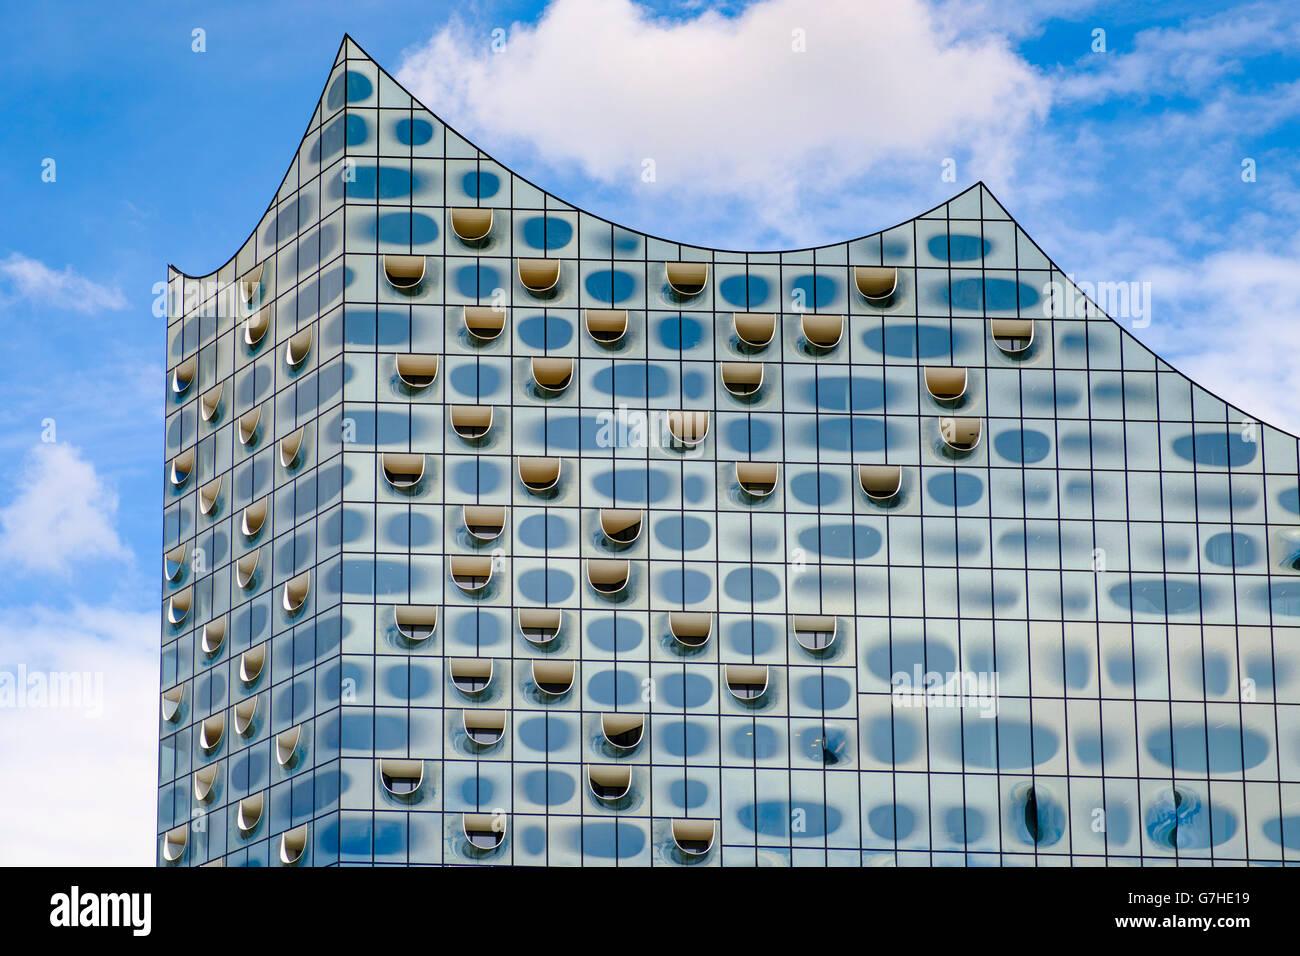 Ansicht der abstrakten Glas Fassade neue Elbphilharmonie Concert Hall kurz vor der Fertigstellung auf Elbe in Hamburg Stockbild